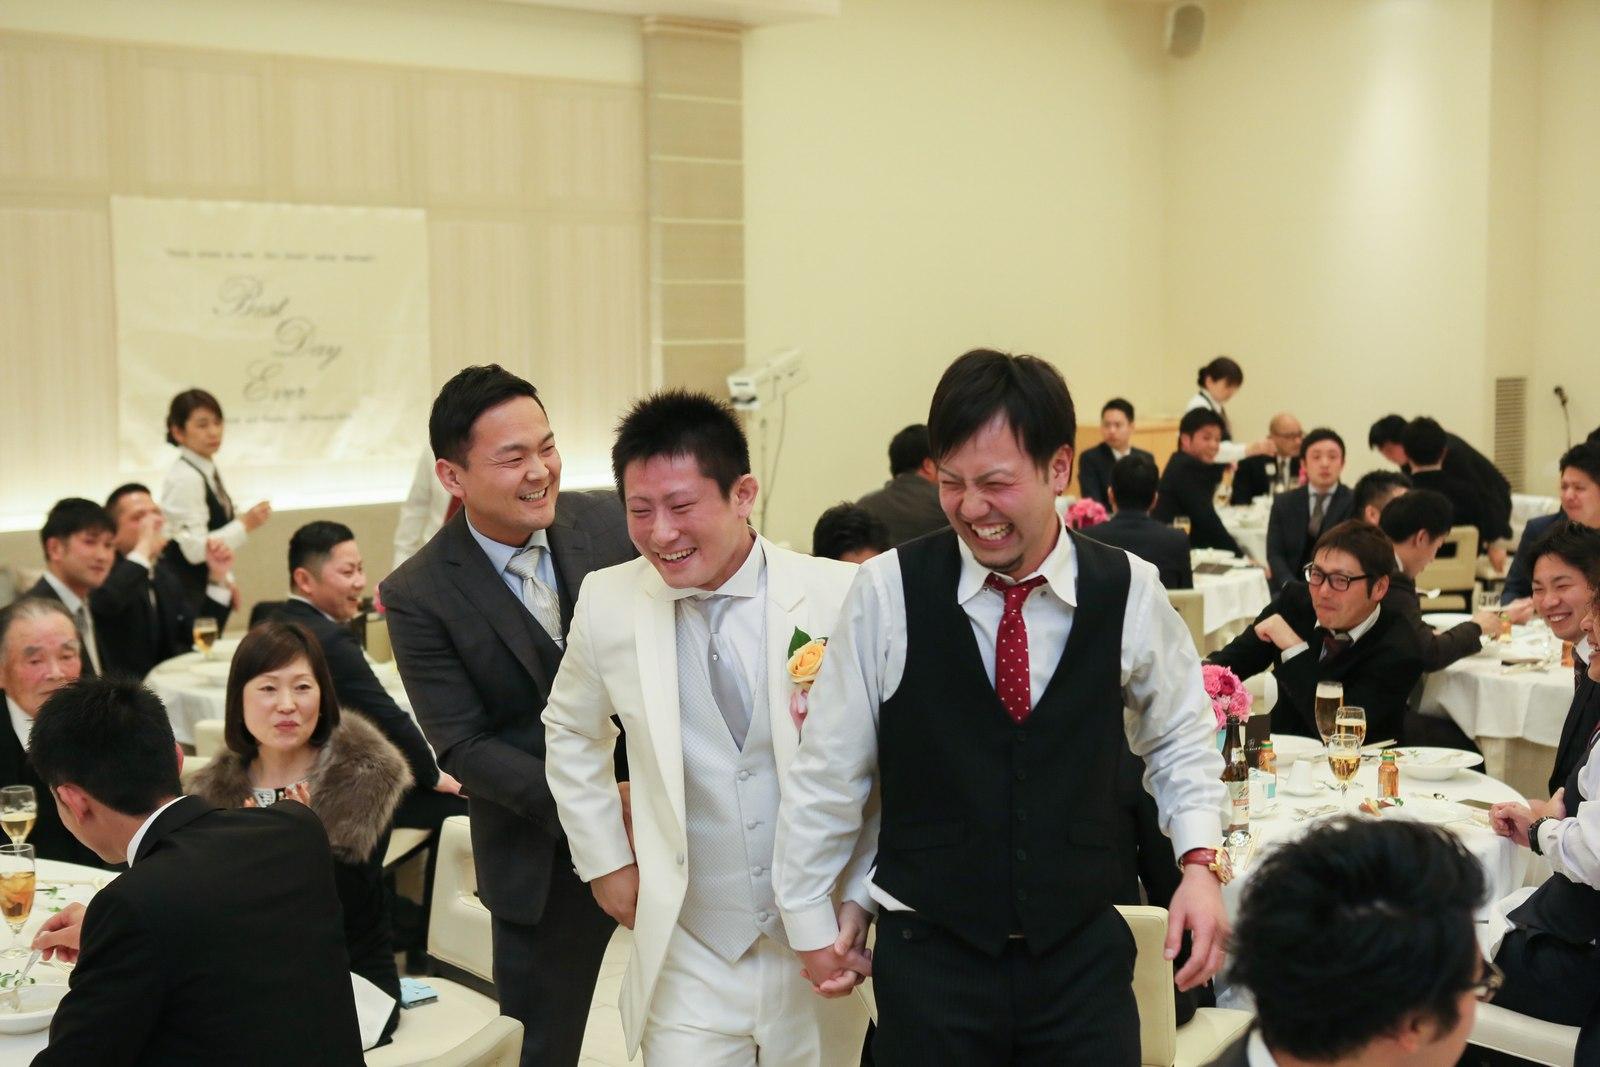 高松市の結婚式場アイルバレクラブで中学時代からの友人と退場